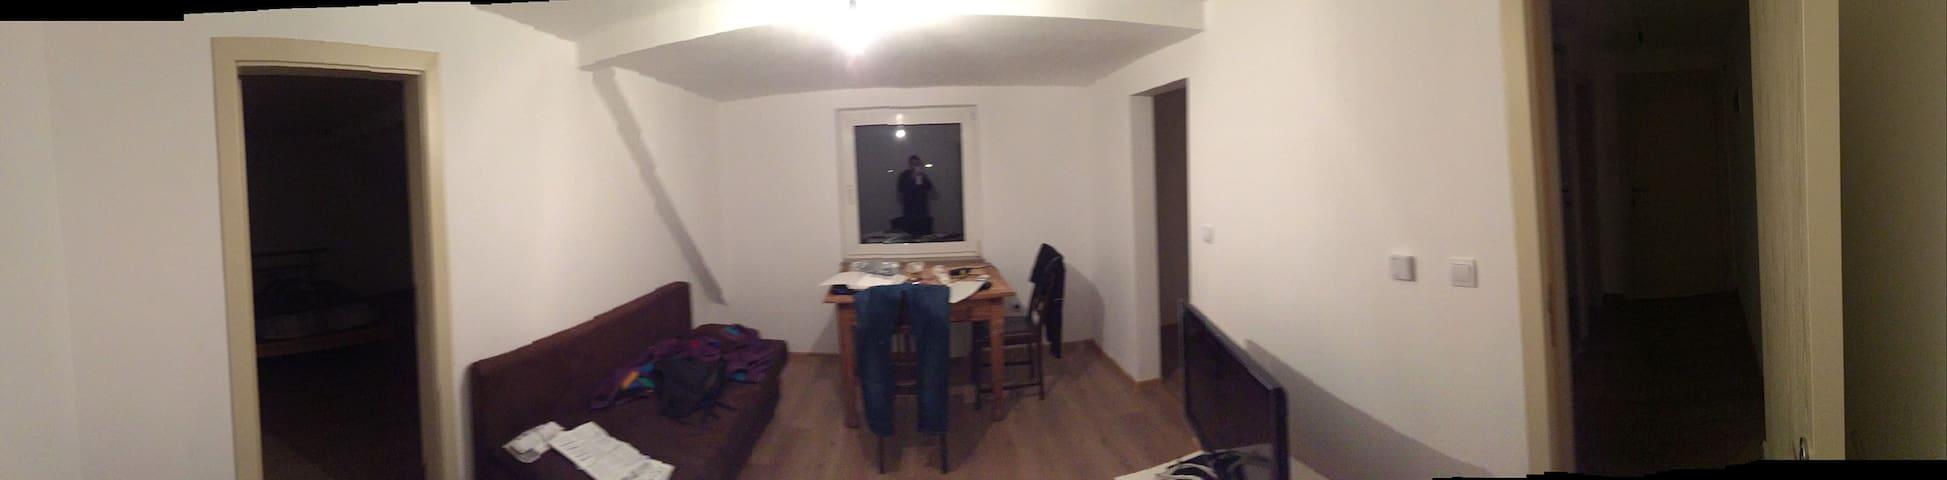 Meine Studentenwohnung - Hof - Apartment